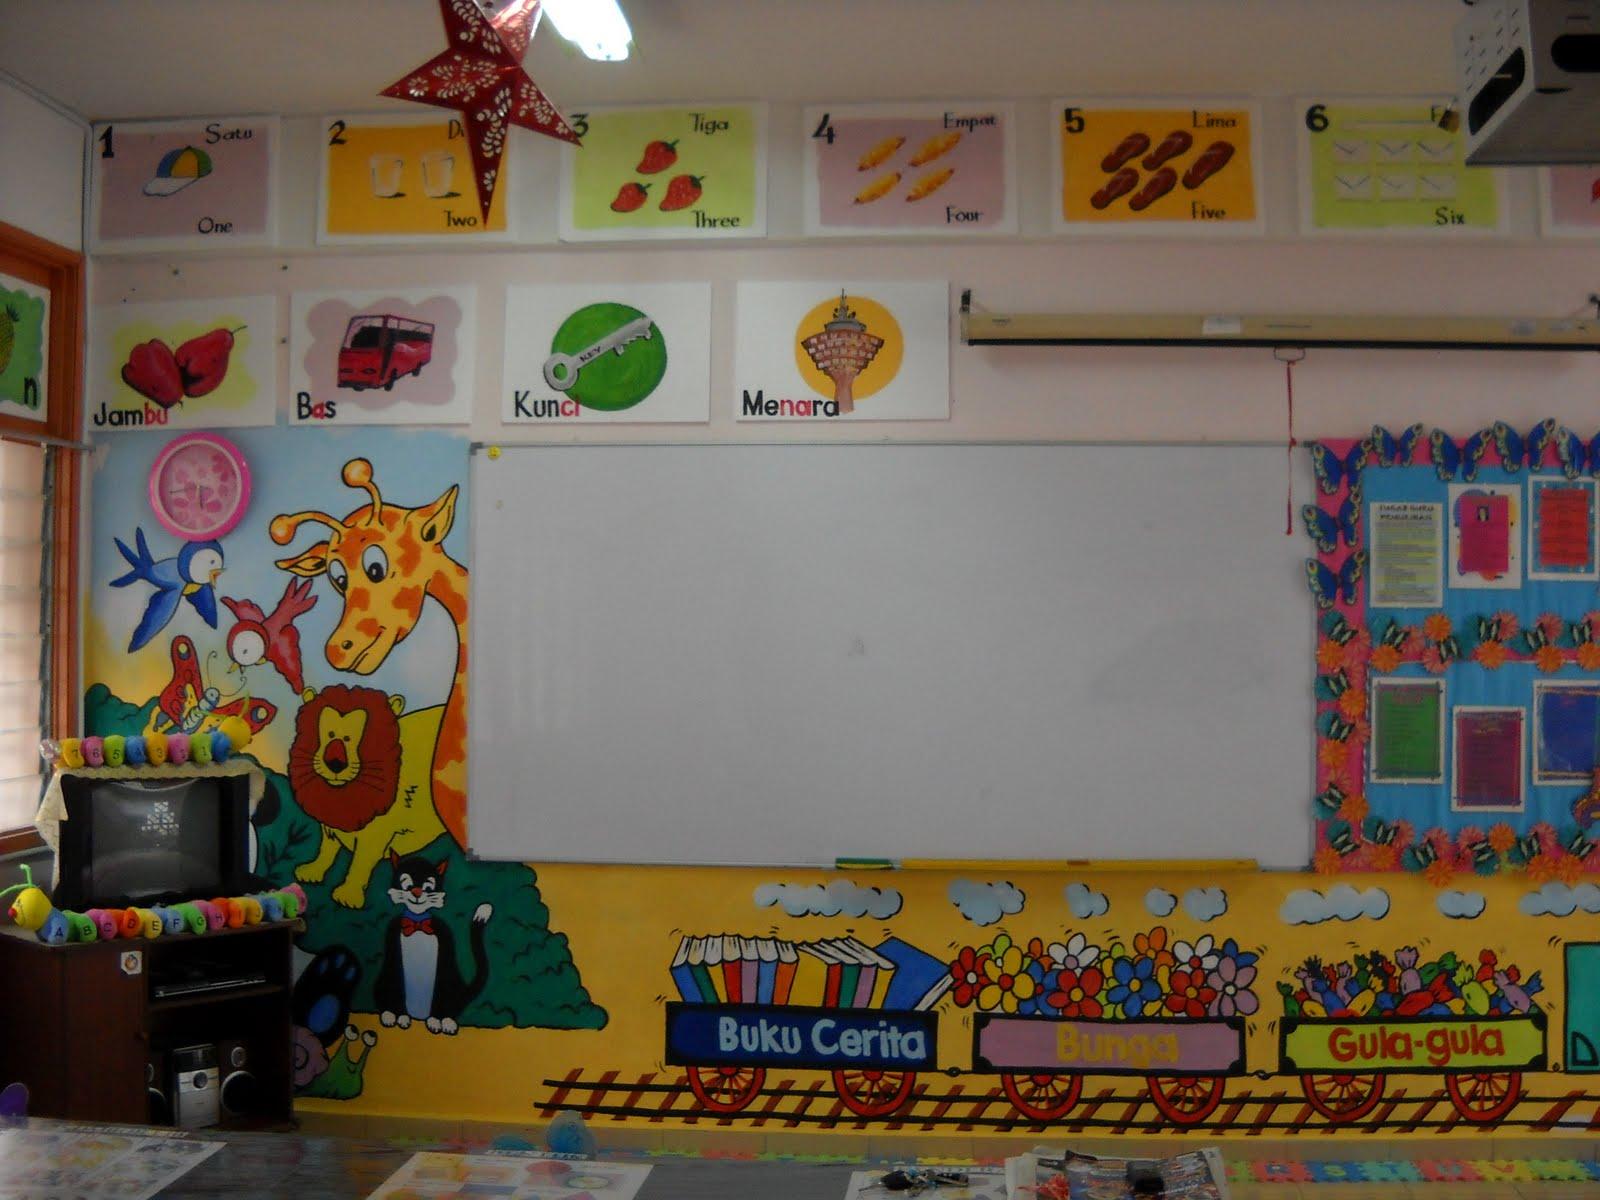 Pelukis mural shah alam sek keb seafield 3 usj selangor for Mural tadika